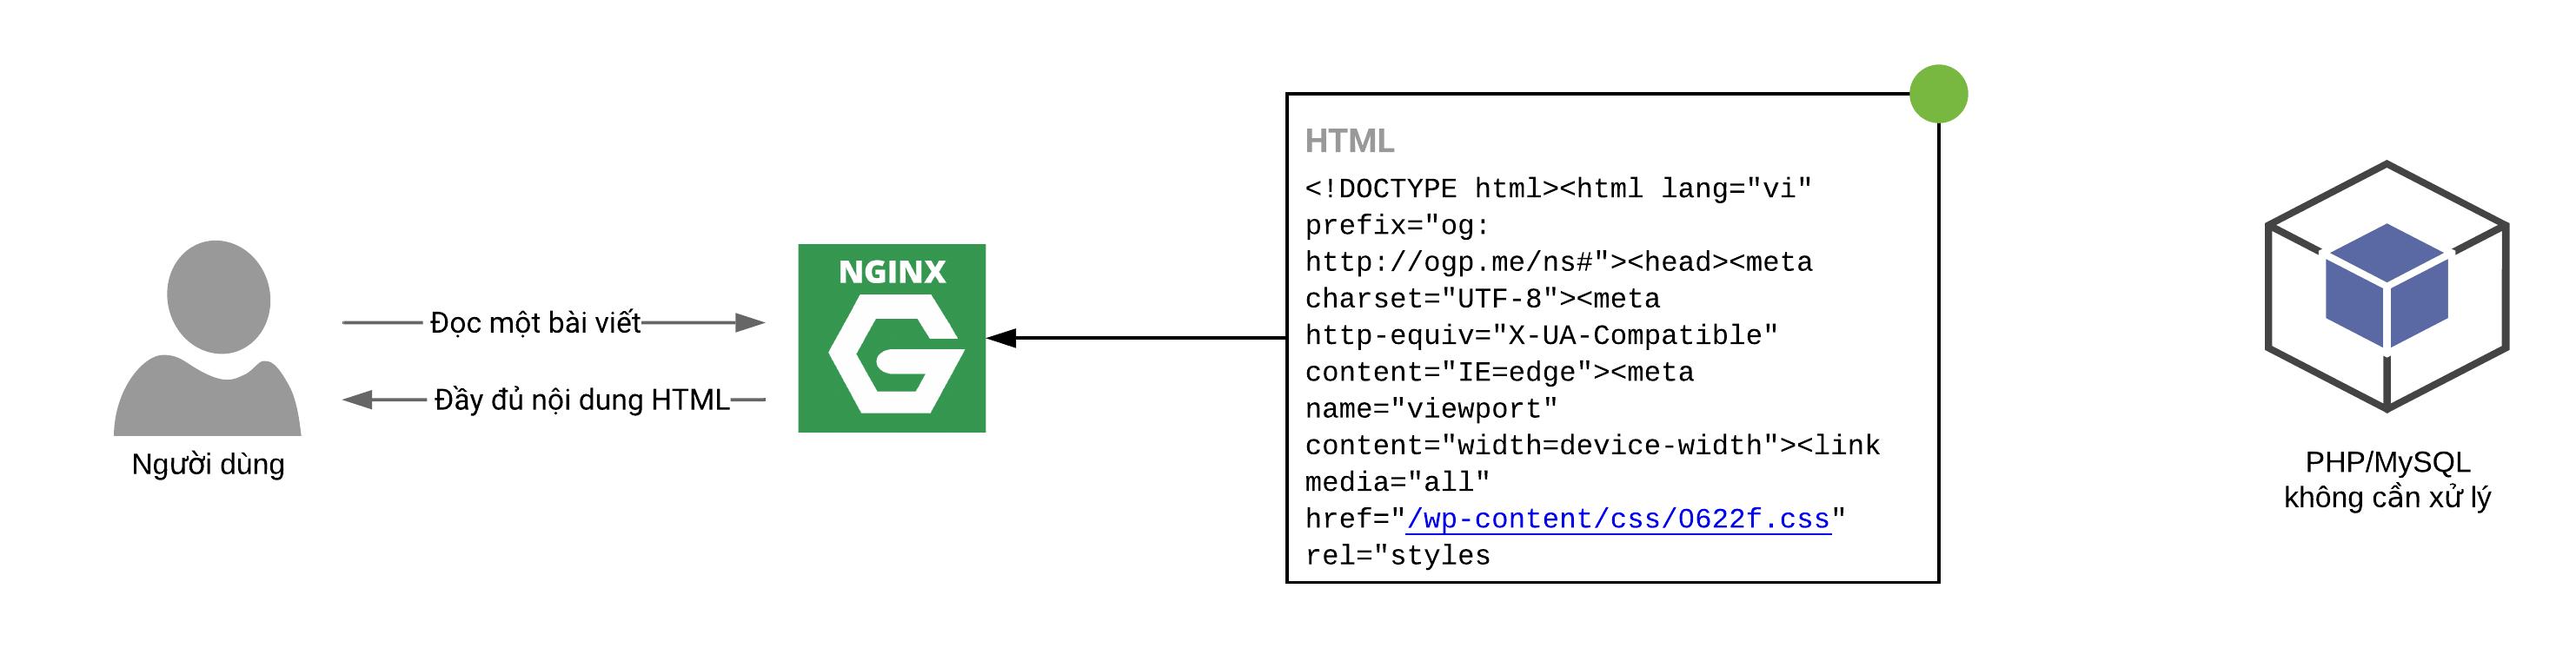 cách full page cache hoạt động